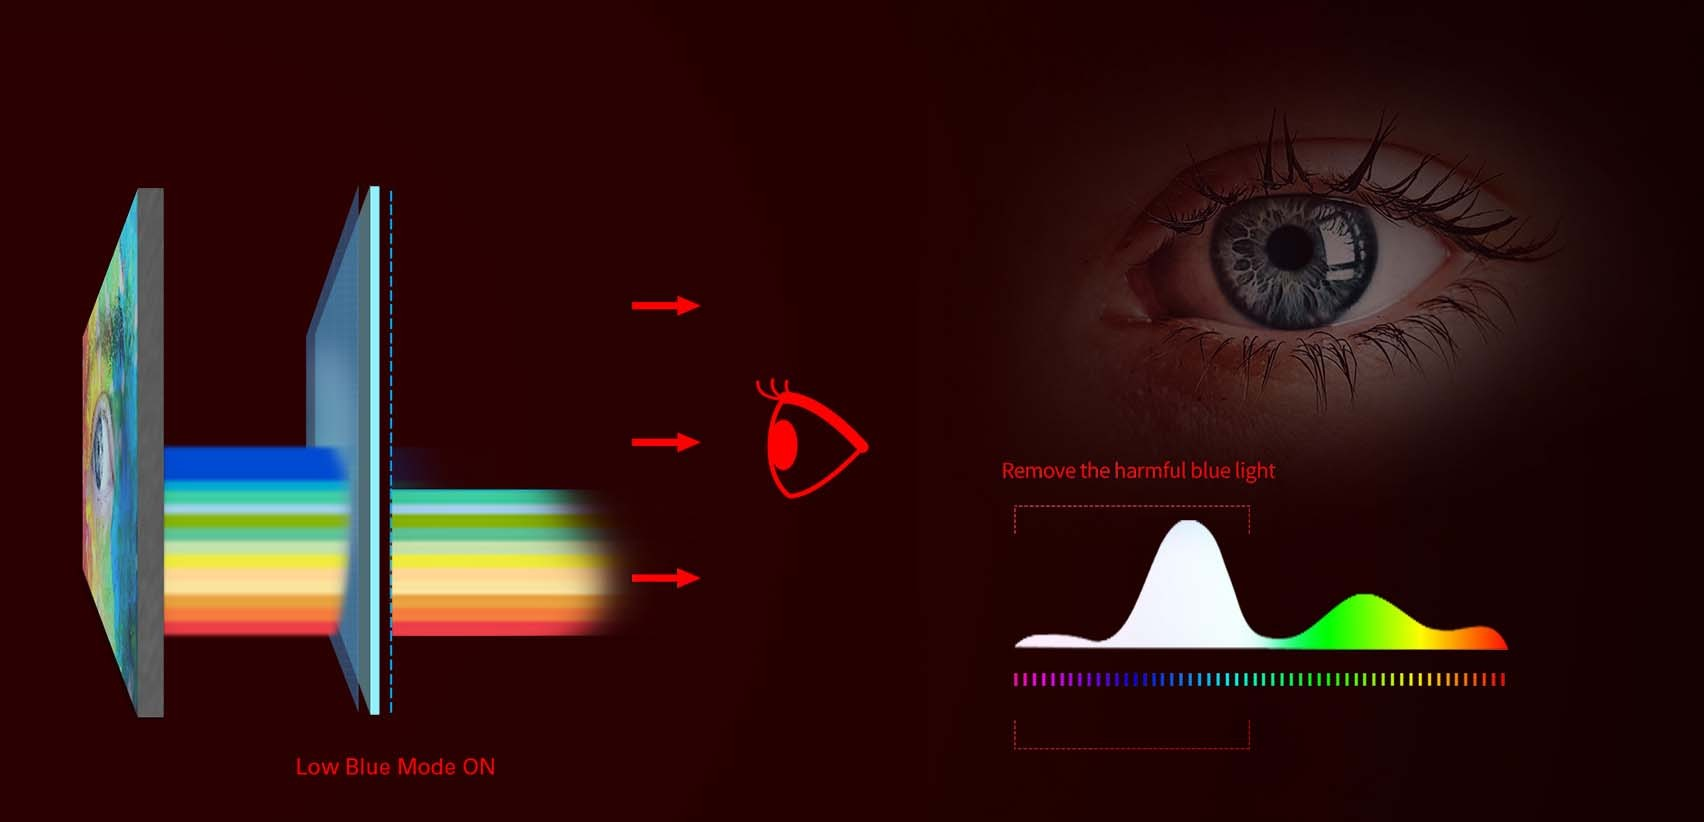 Giảm lượng ánh sáng sóng ngắn màu xanh cho đôi mắt khỏe mạnh - Low blue mode